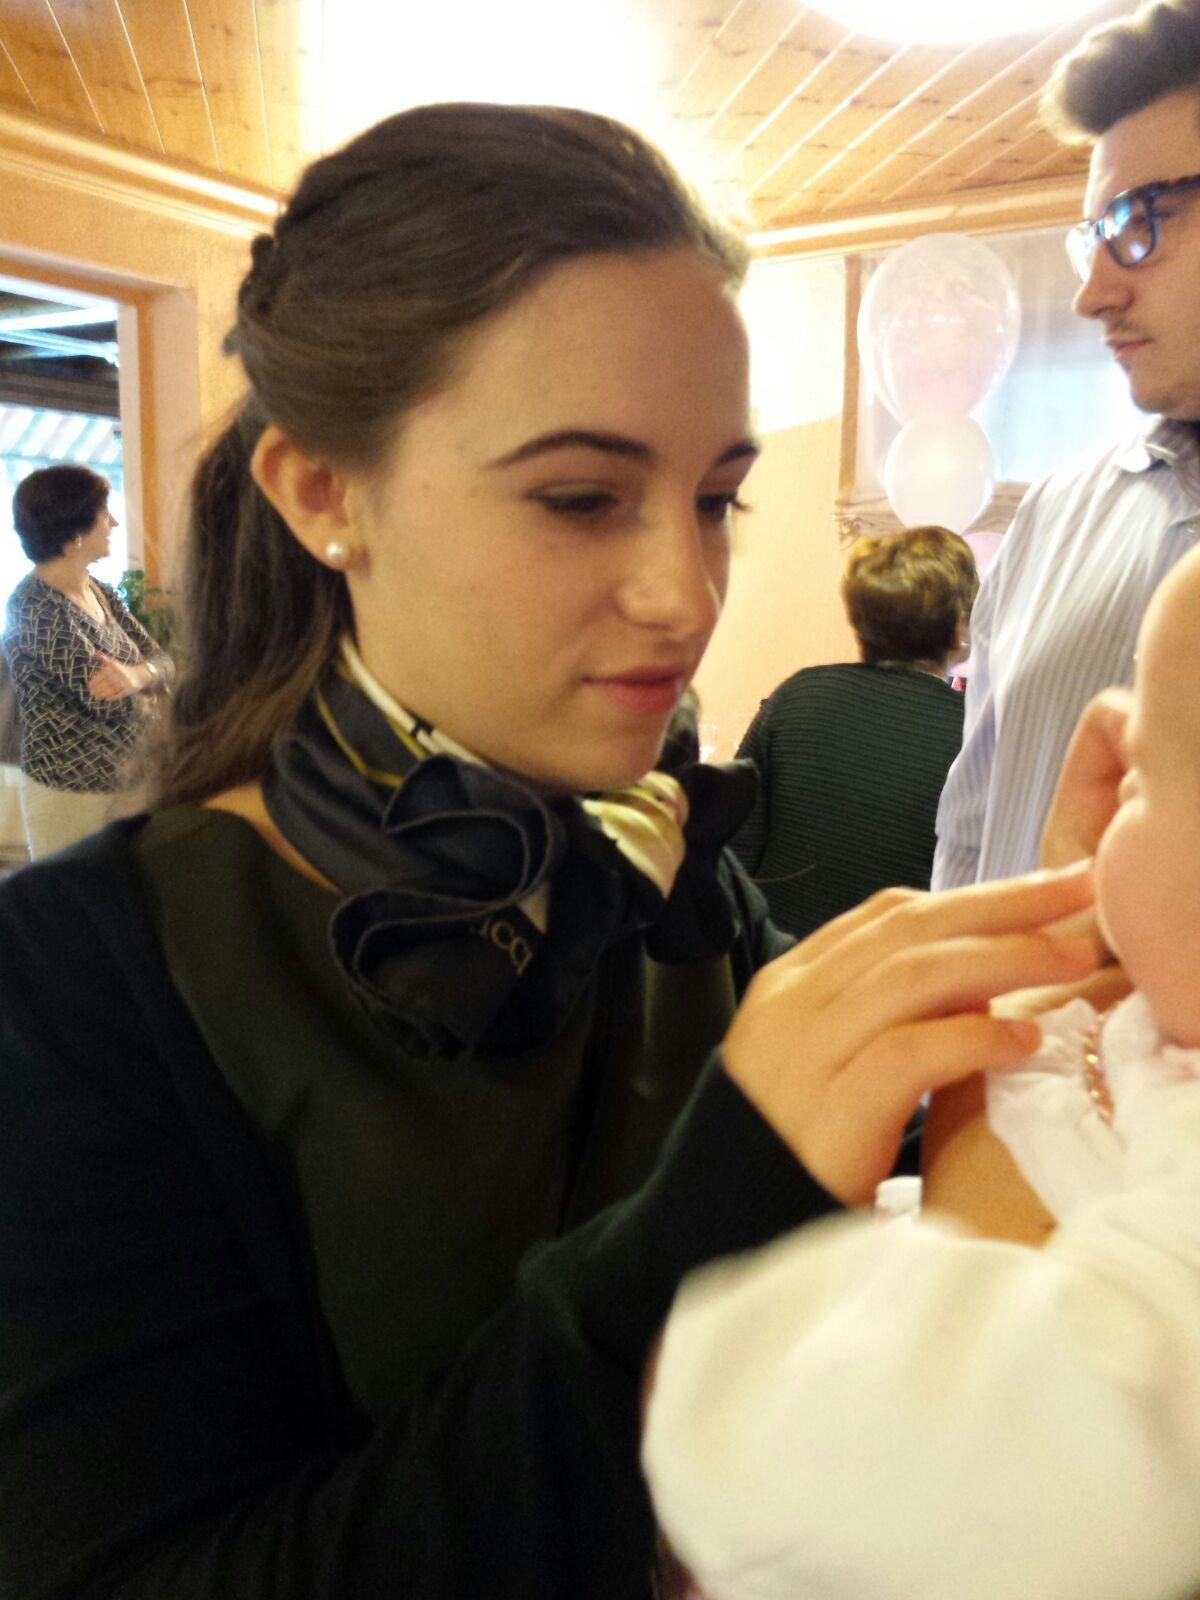 Giulia (18) aus Italien, sucht Familie für 6 Monate ab Januar 2020